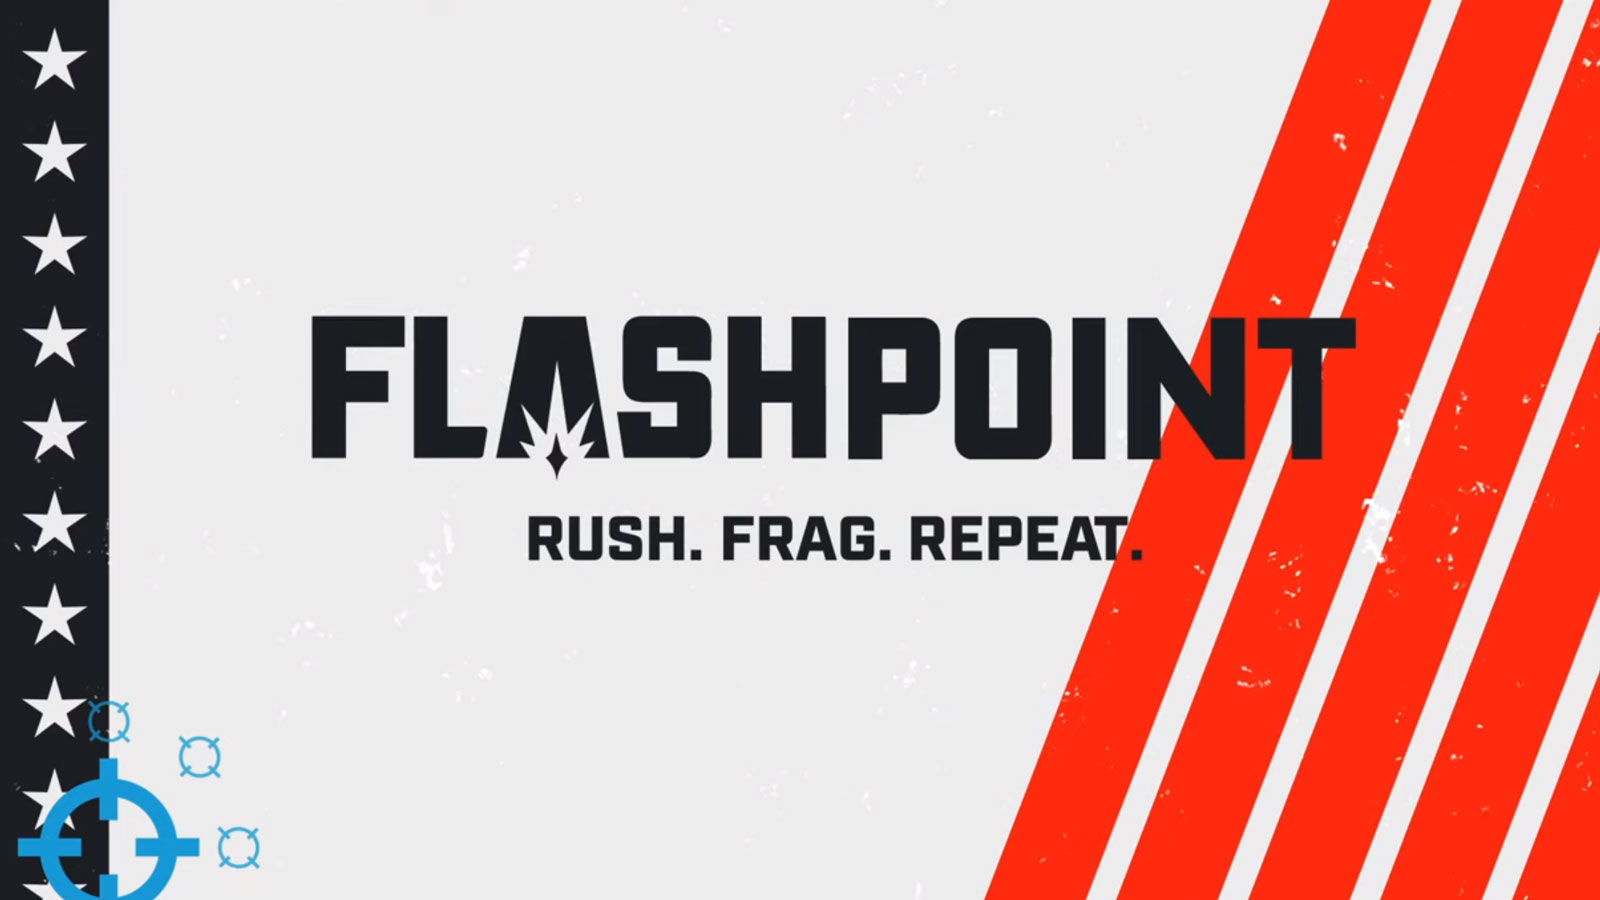 flashpoint-cs-go-esports